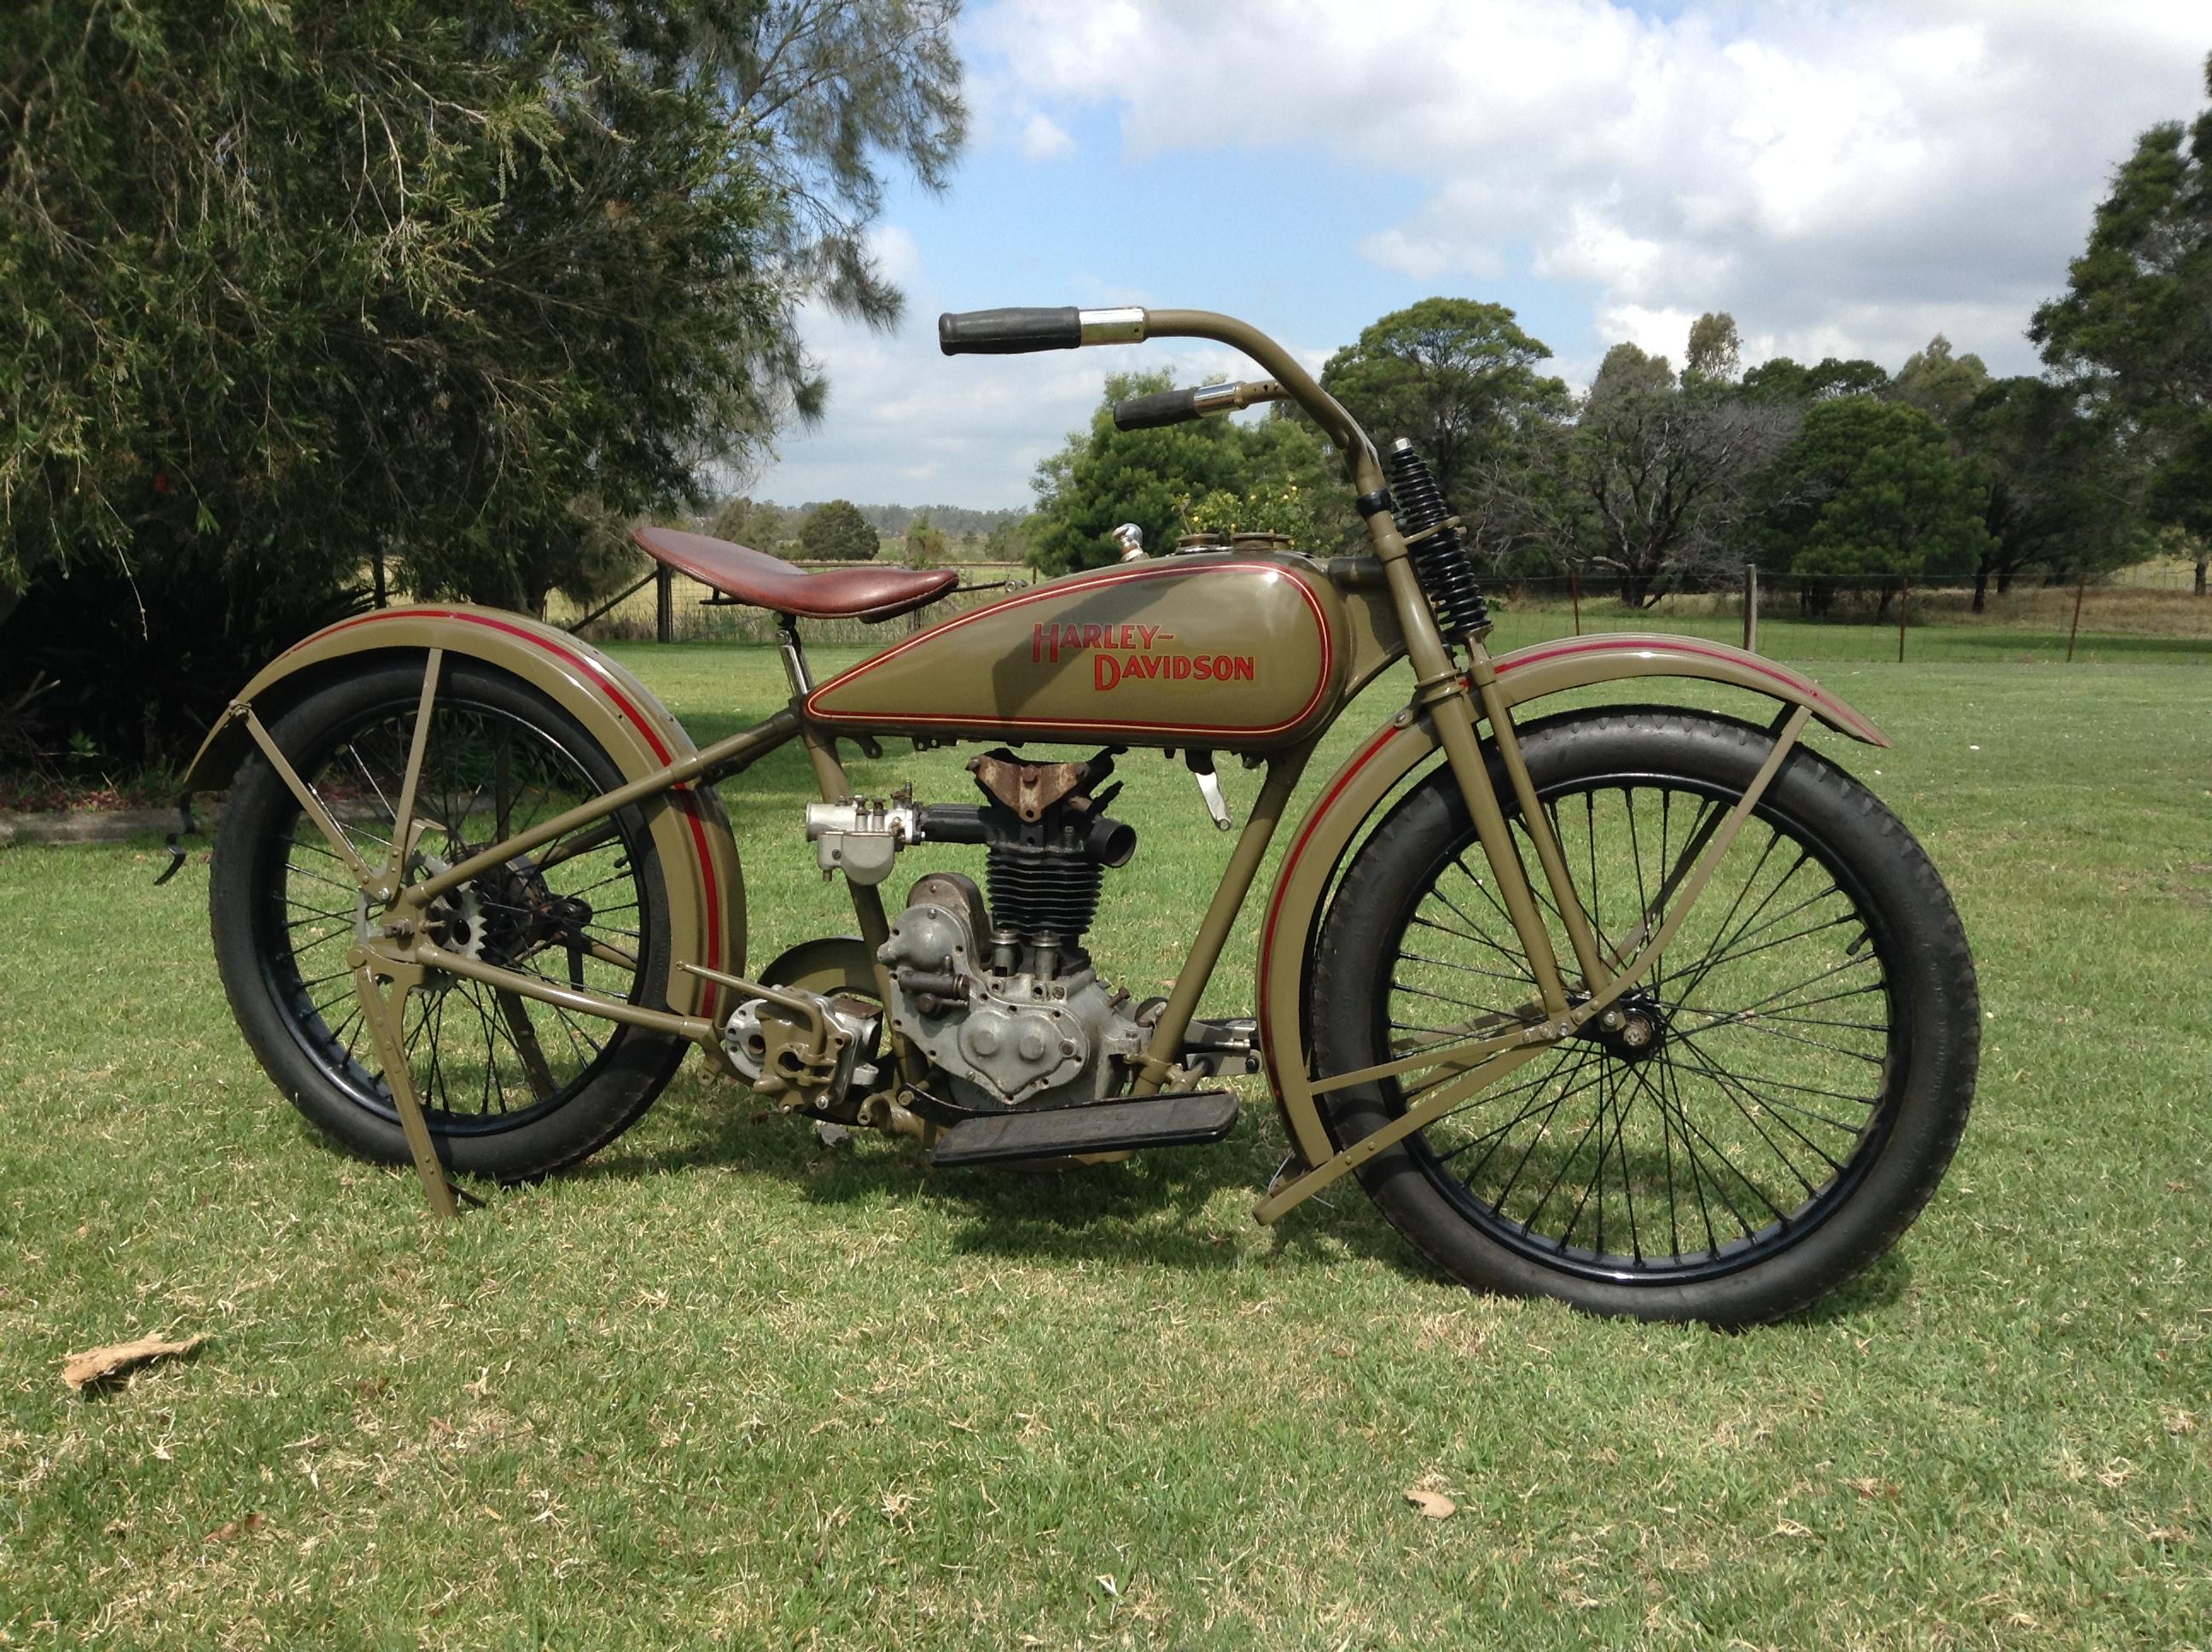 1928 Harley Davidson Ohv 350cc Sold: 1926 AA Harley Davidson OHV 001